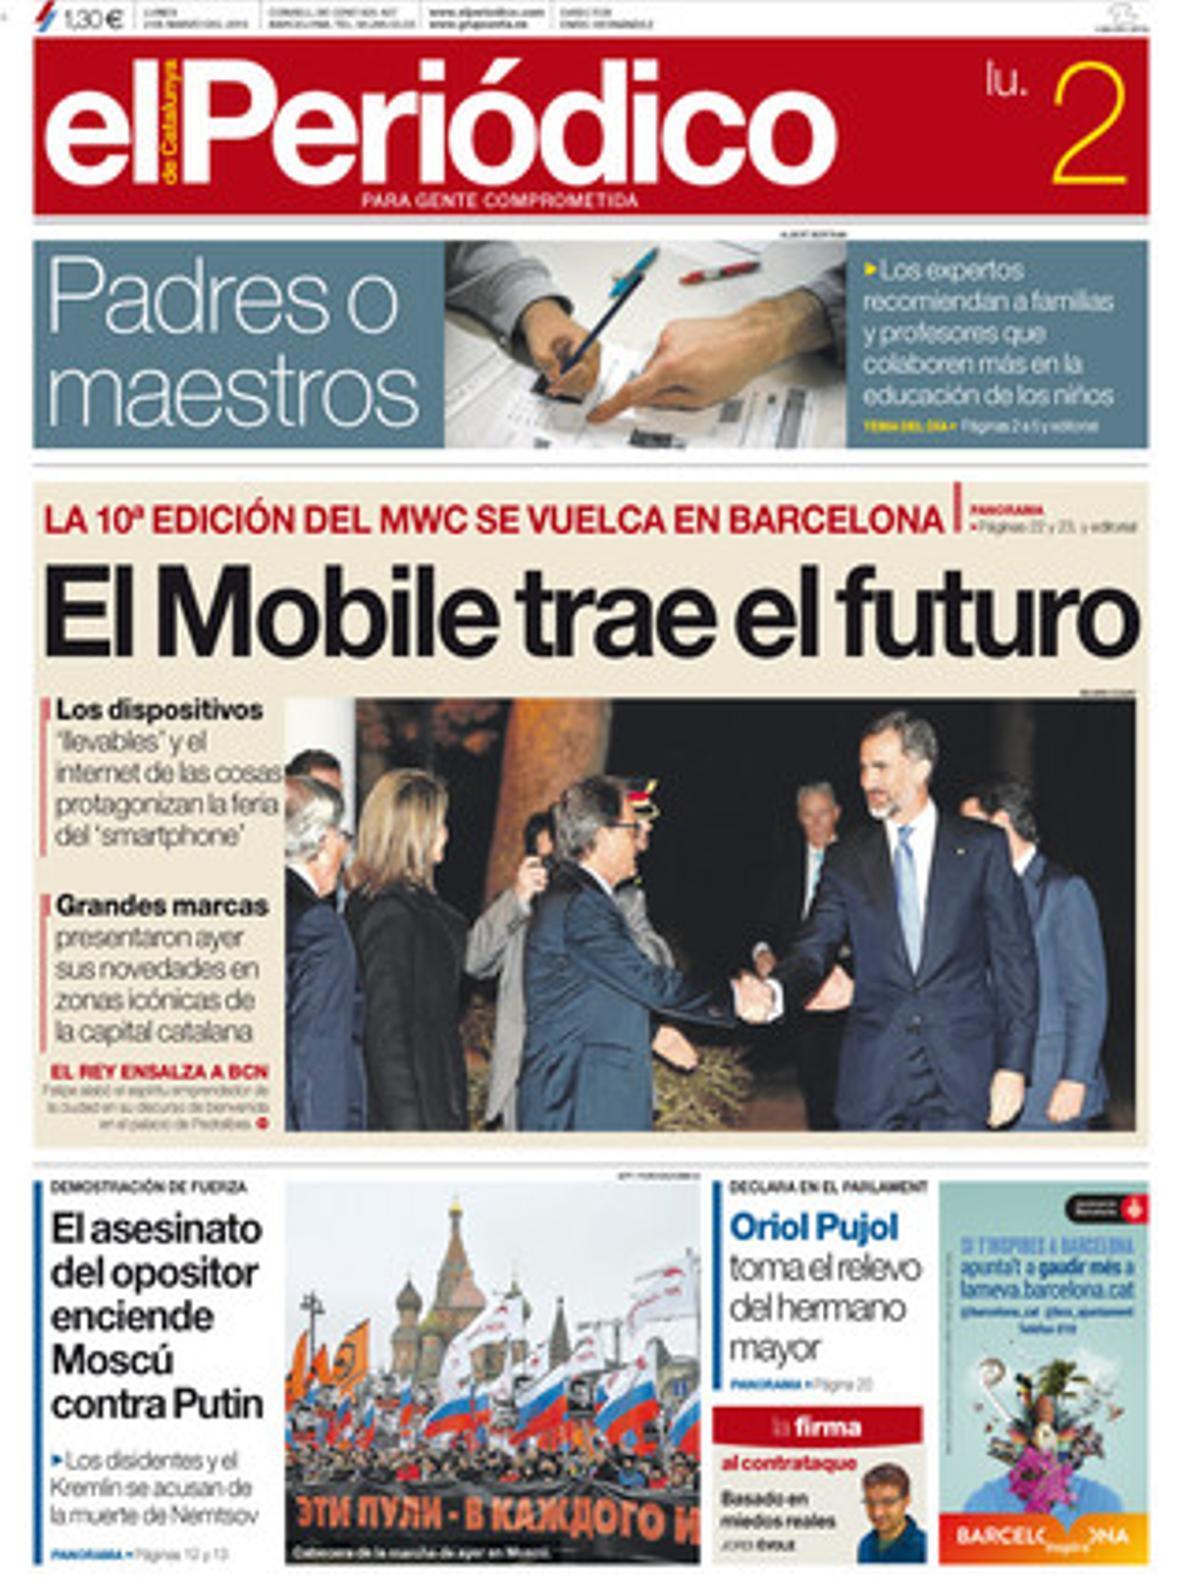 La portada de EL PERIÓDICO (2-3-2014).